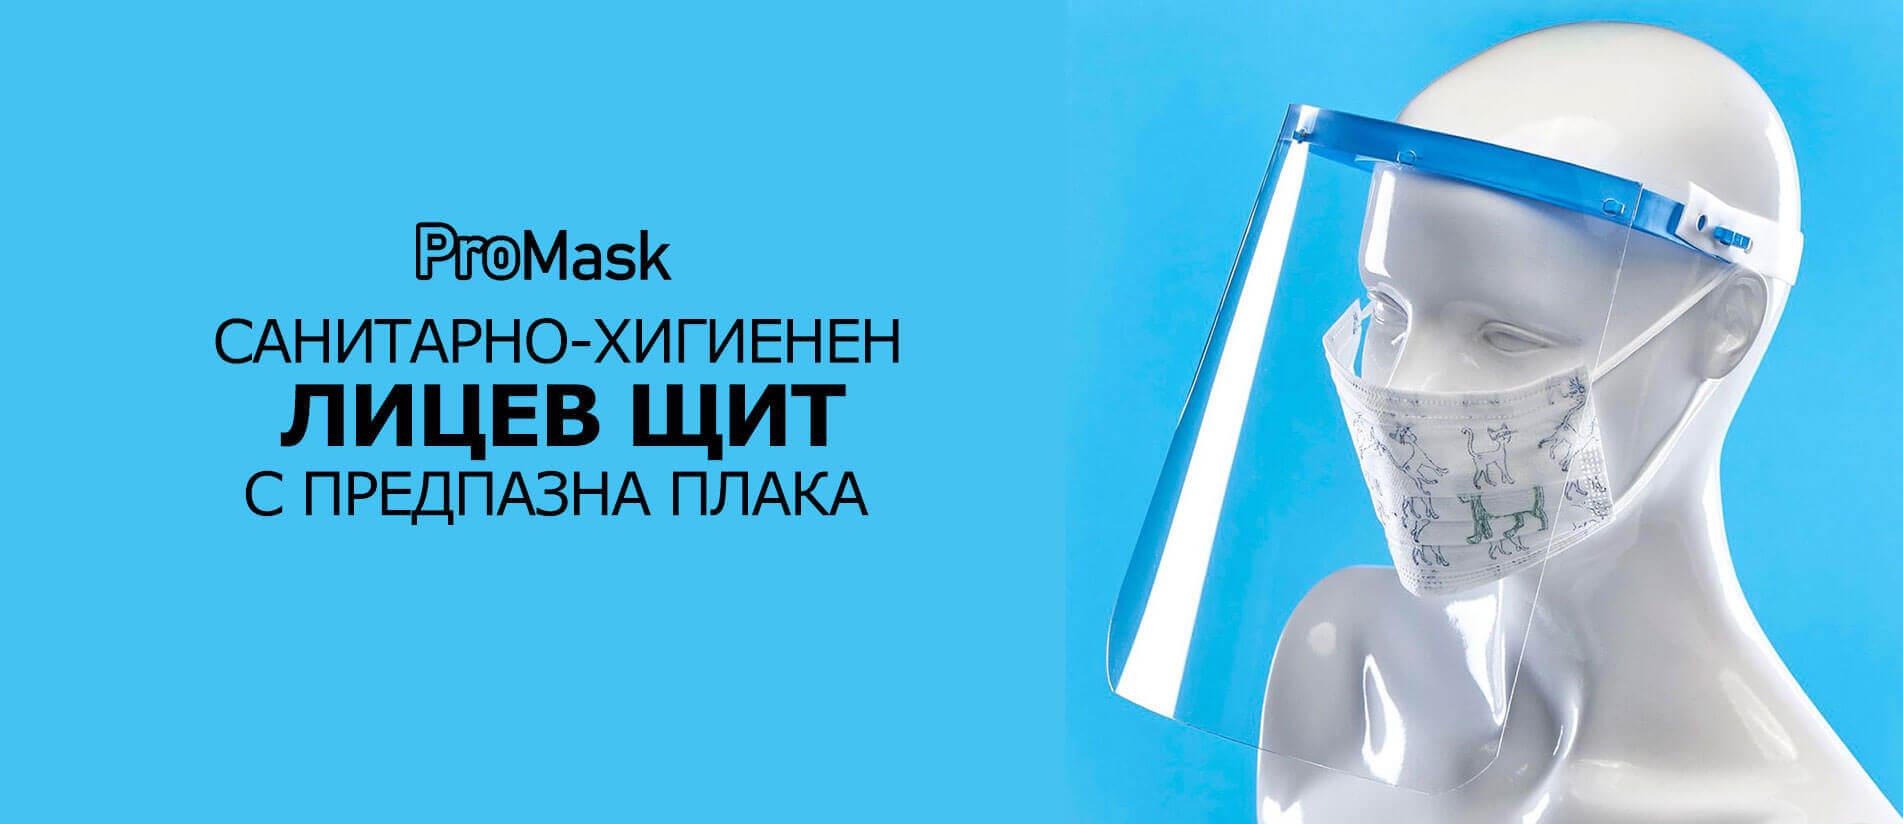 Предпазем шлем за лице. Изработен от материали, които позволяват лесна дезинфекция. Комбинирайте с маски с филтър или санитарни маски за оптимална защита.